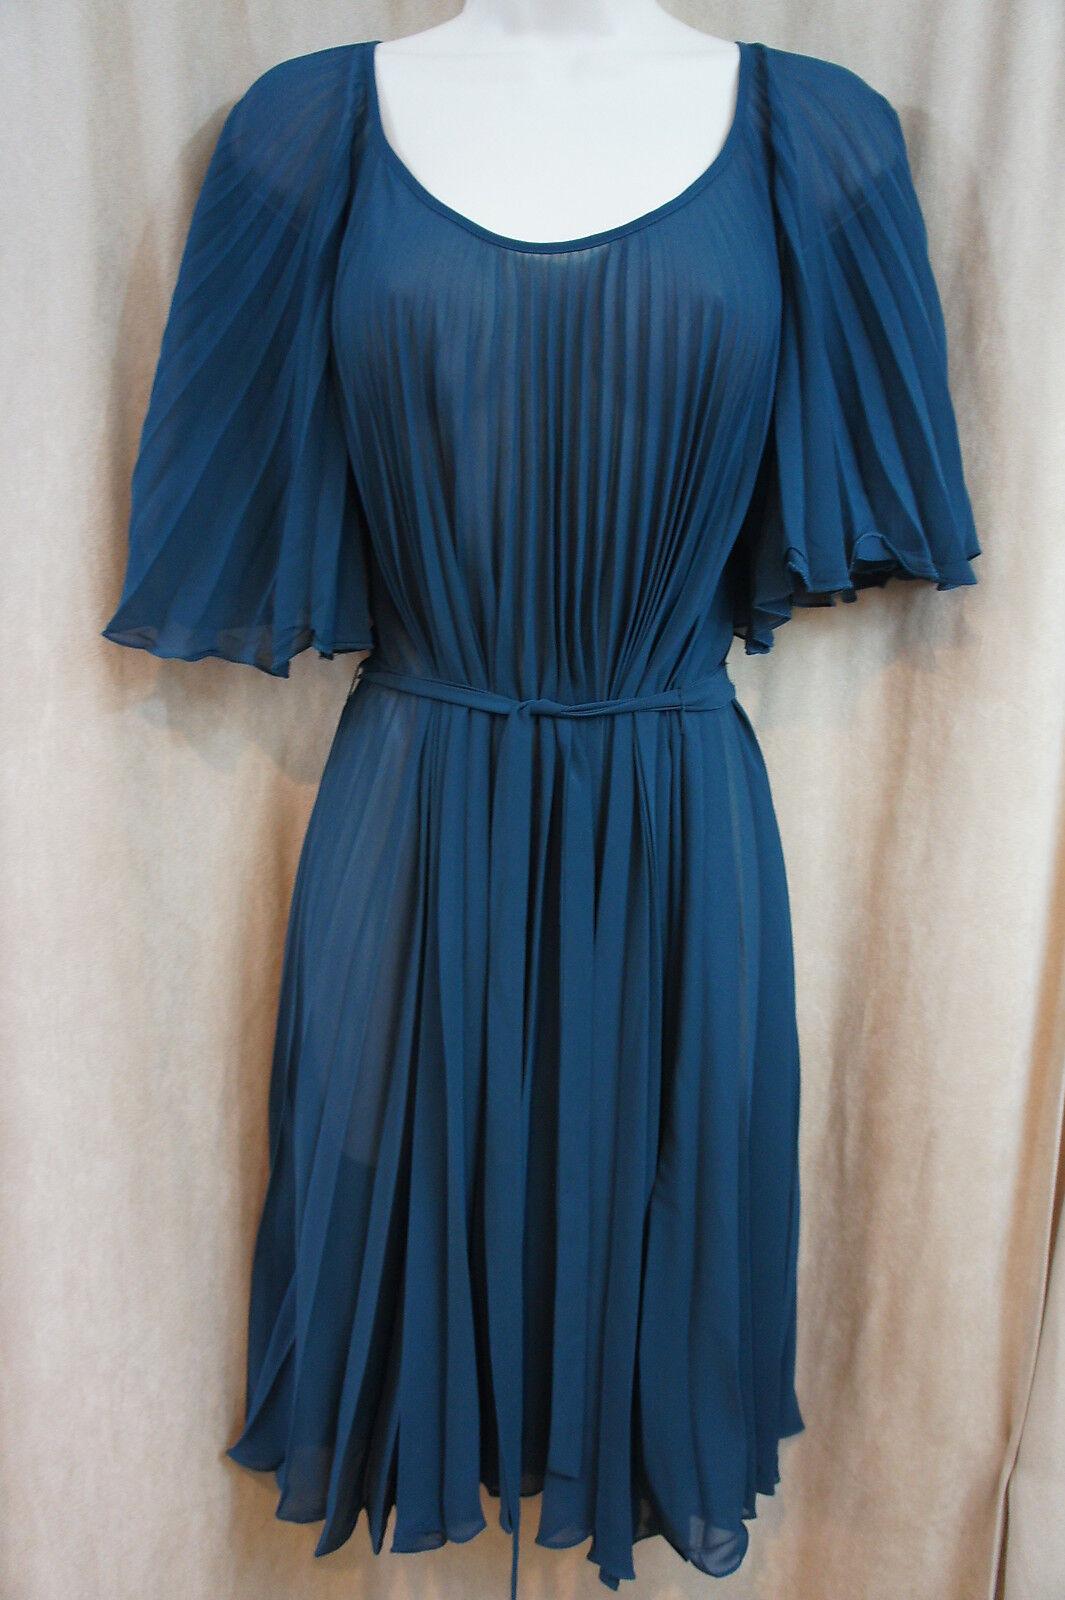 Studio M Robe TAILLE XS Bleu Canard Pur Taille Haute cravate&dye Plissé Affaires